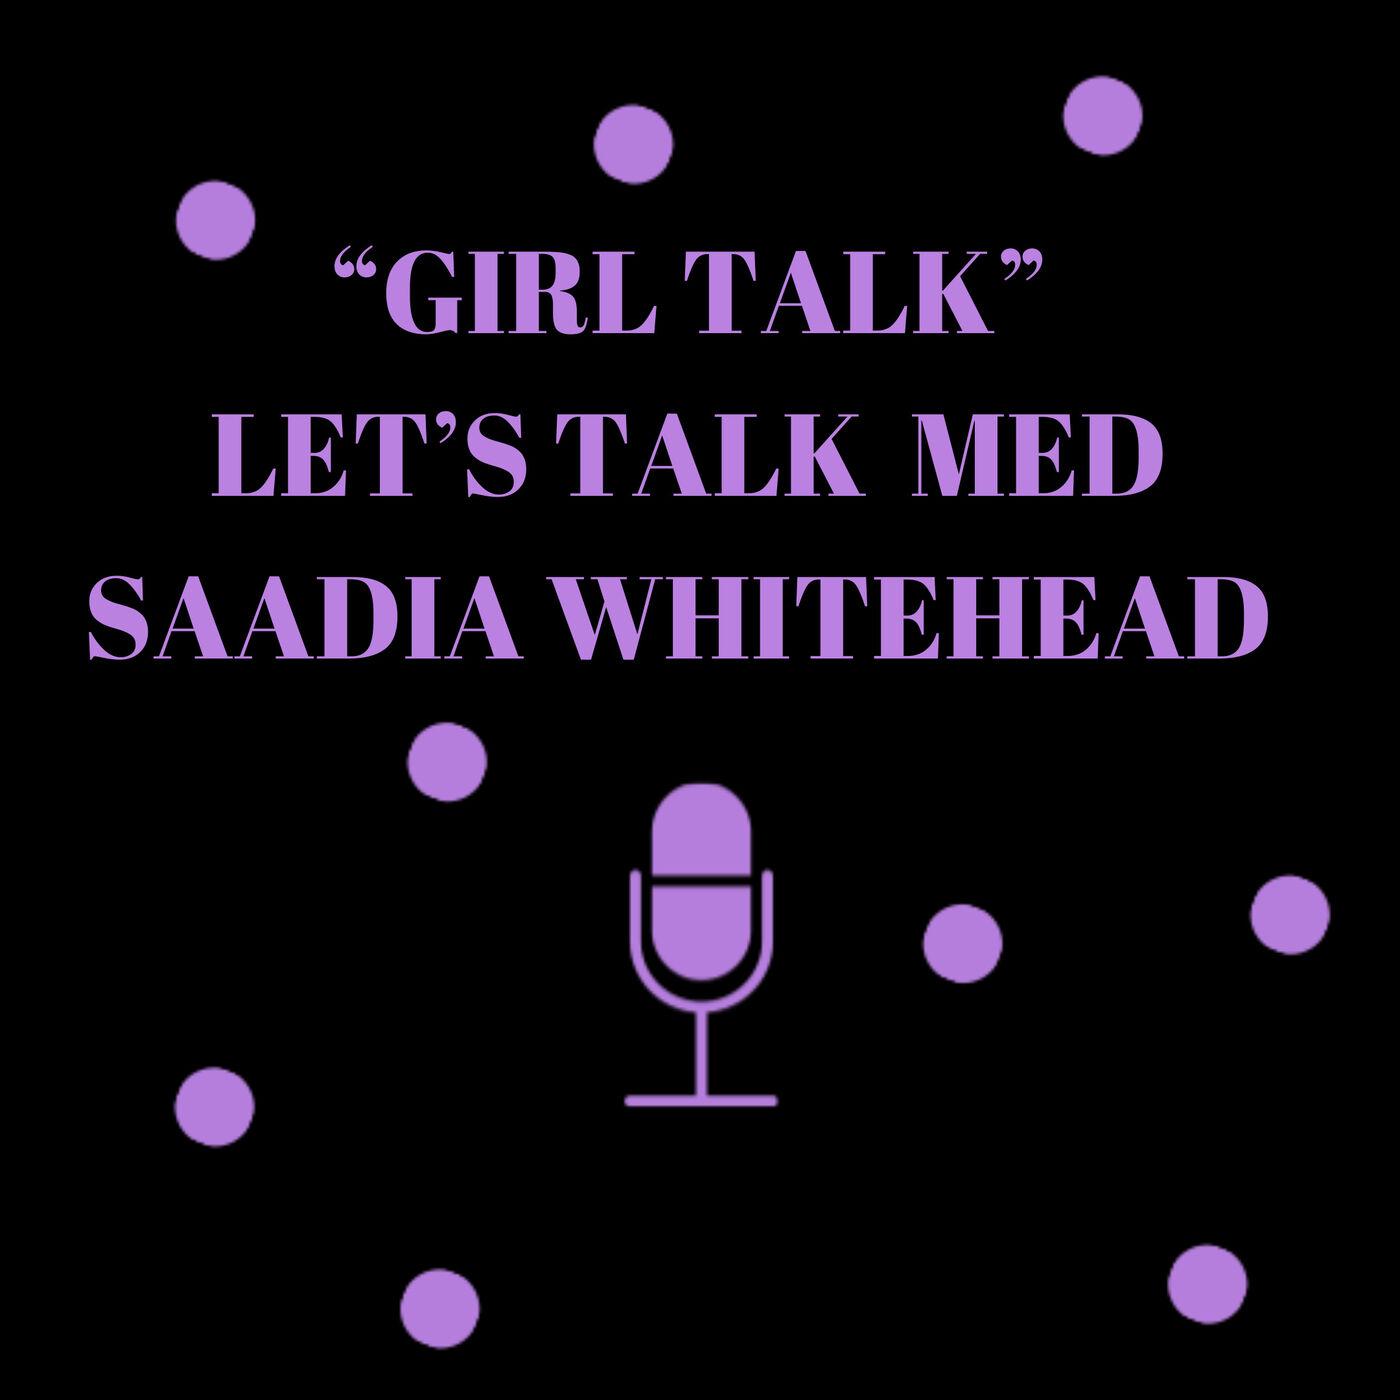 Girl Talk med Saadia Whitehead